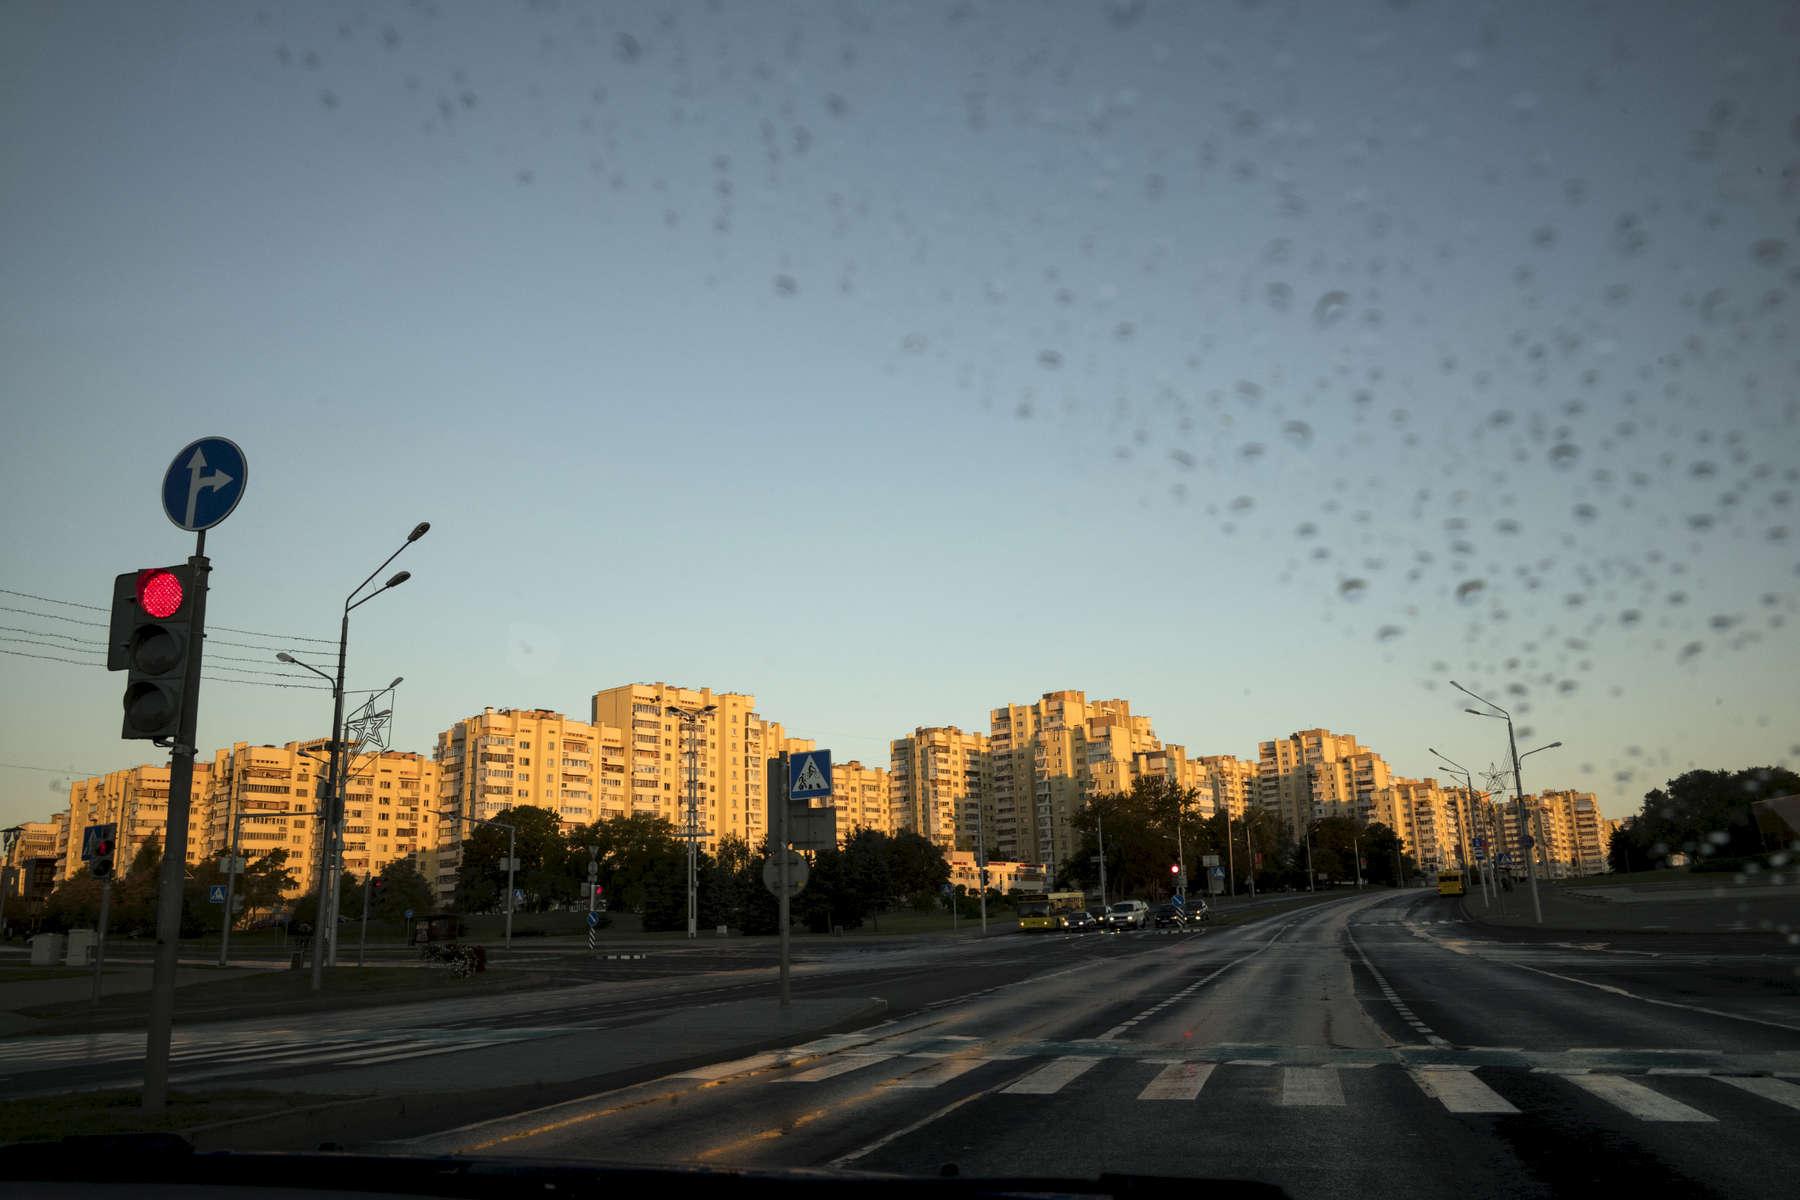 Tôt le matin dans les rues de Minsk, Biélorussie, 2018.